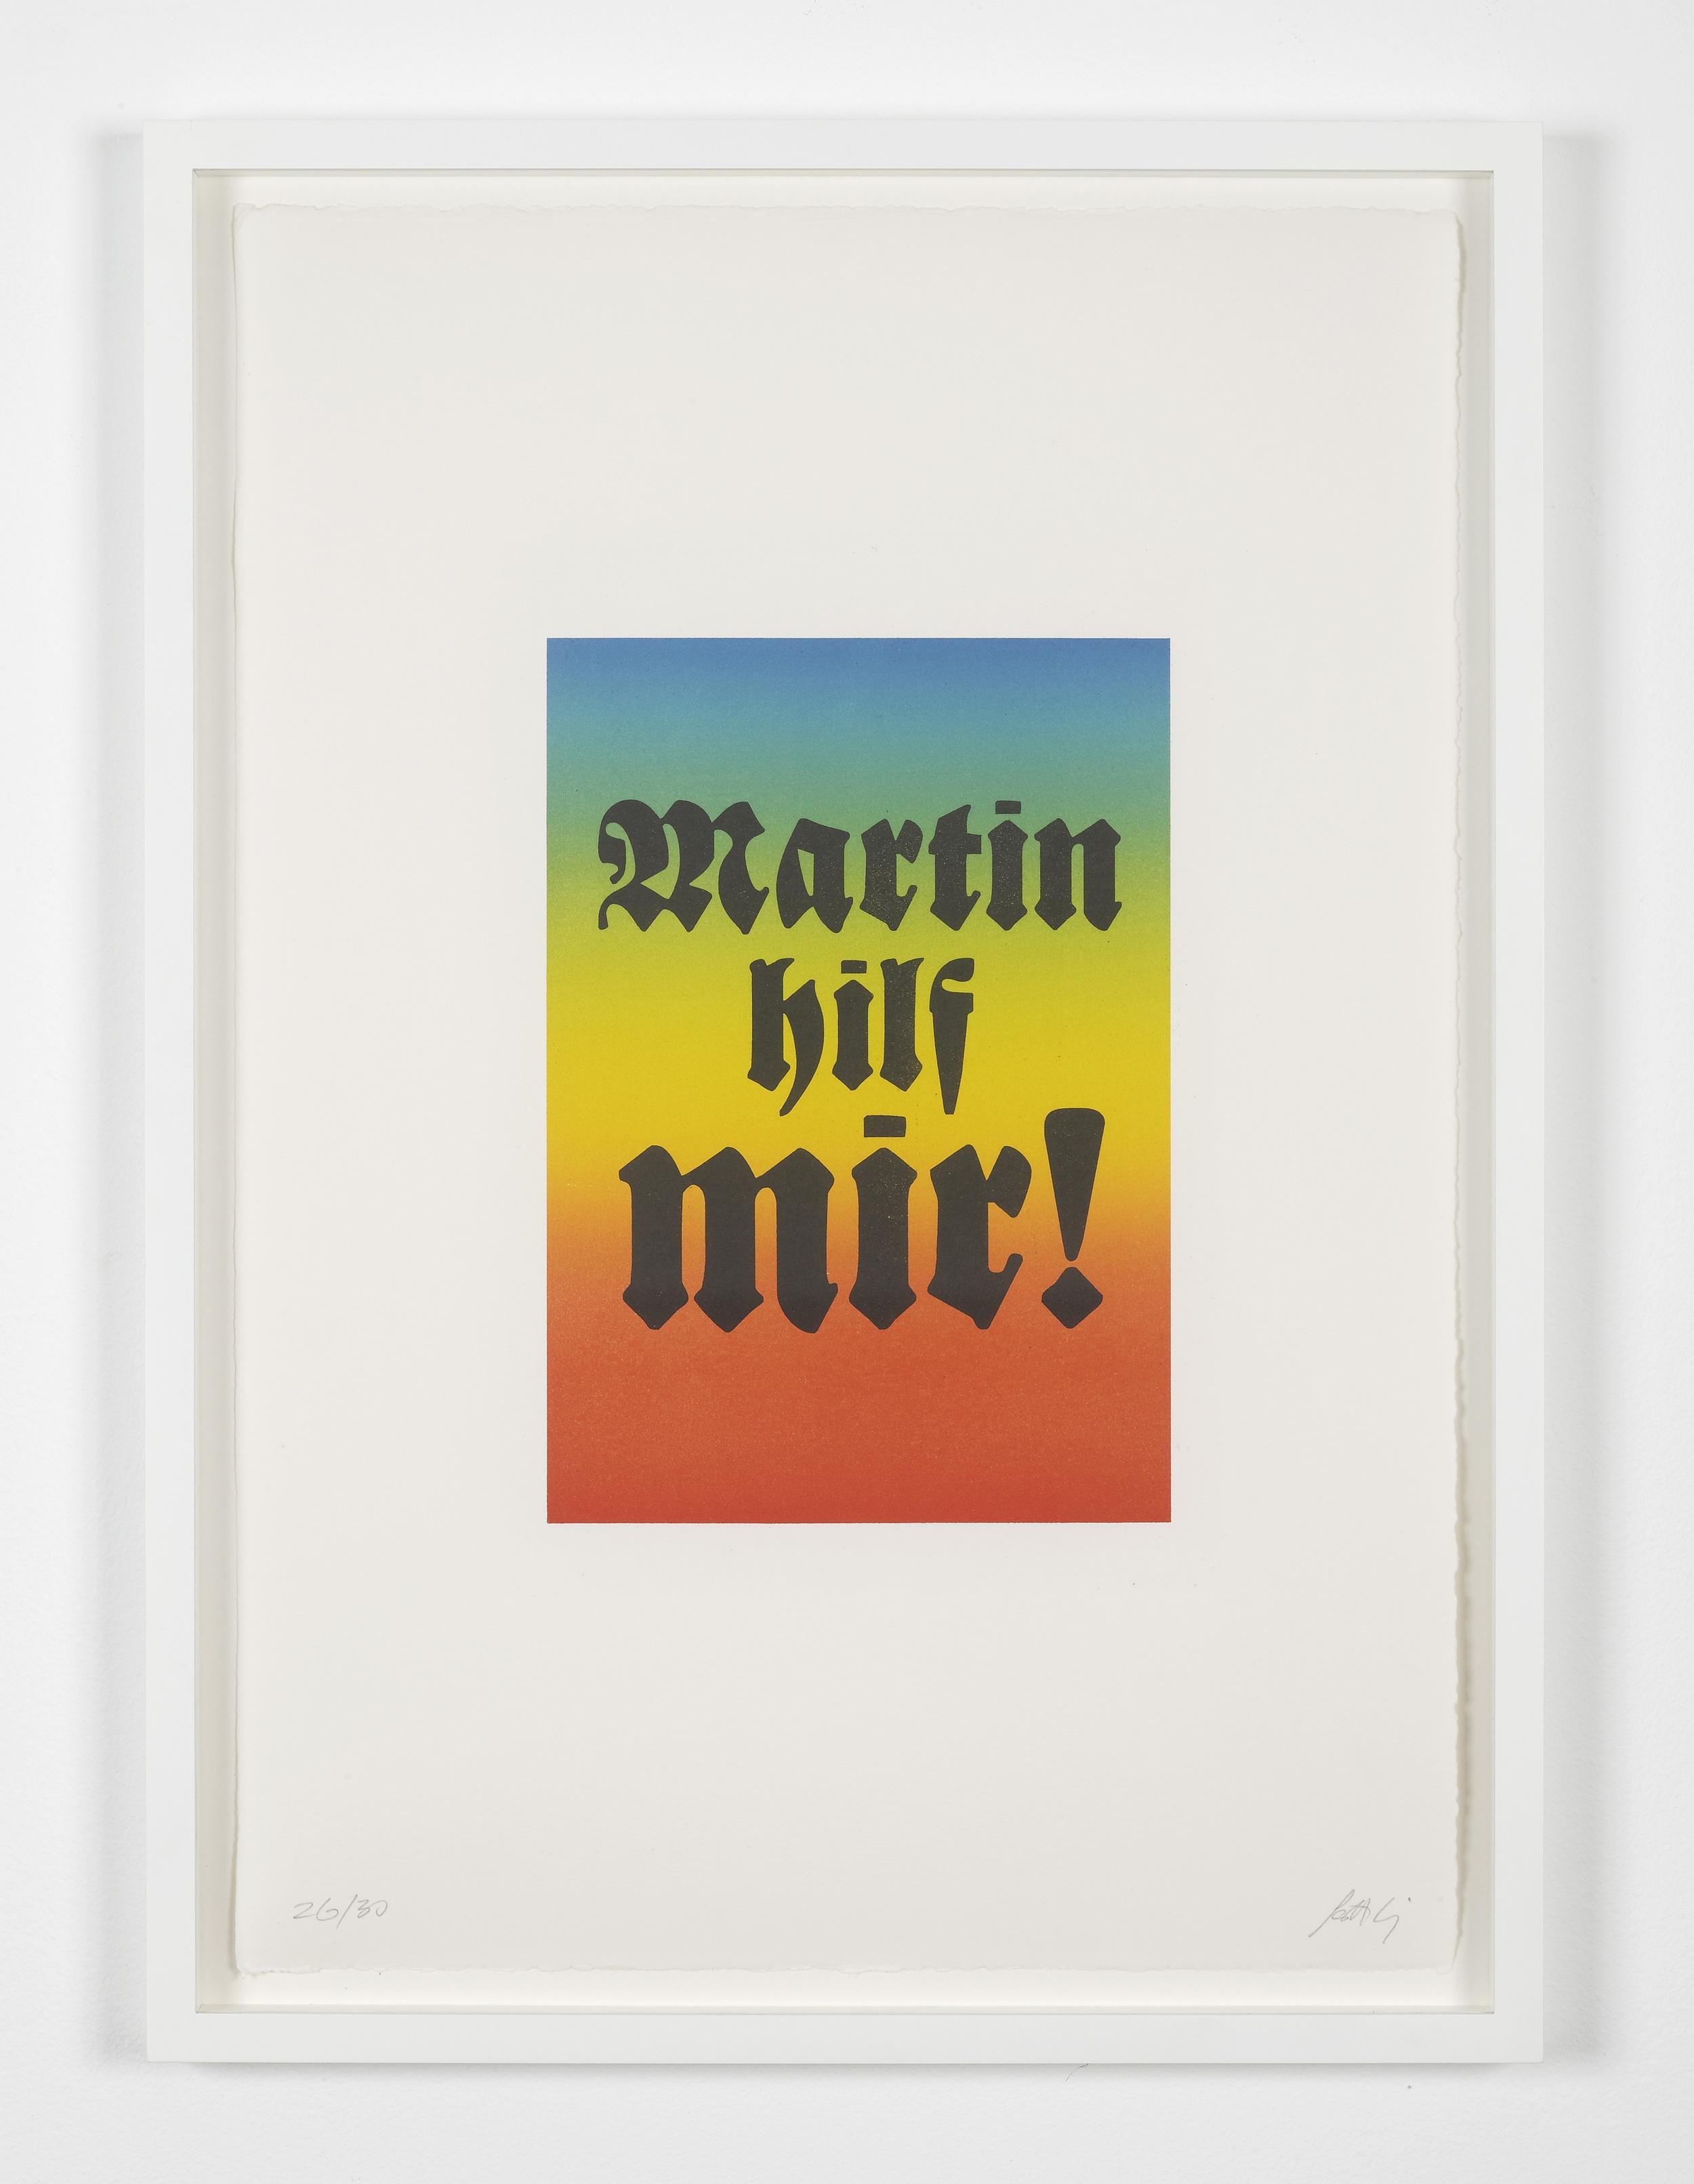 Martin Hilf Mir!   2011   Lithographic print   58 x 41 cm / 22.8 x 16.1 in